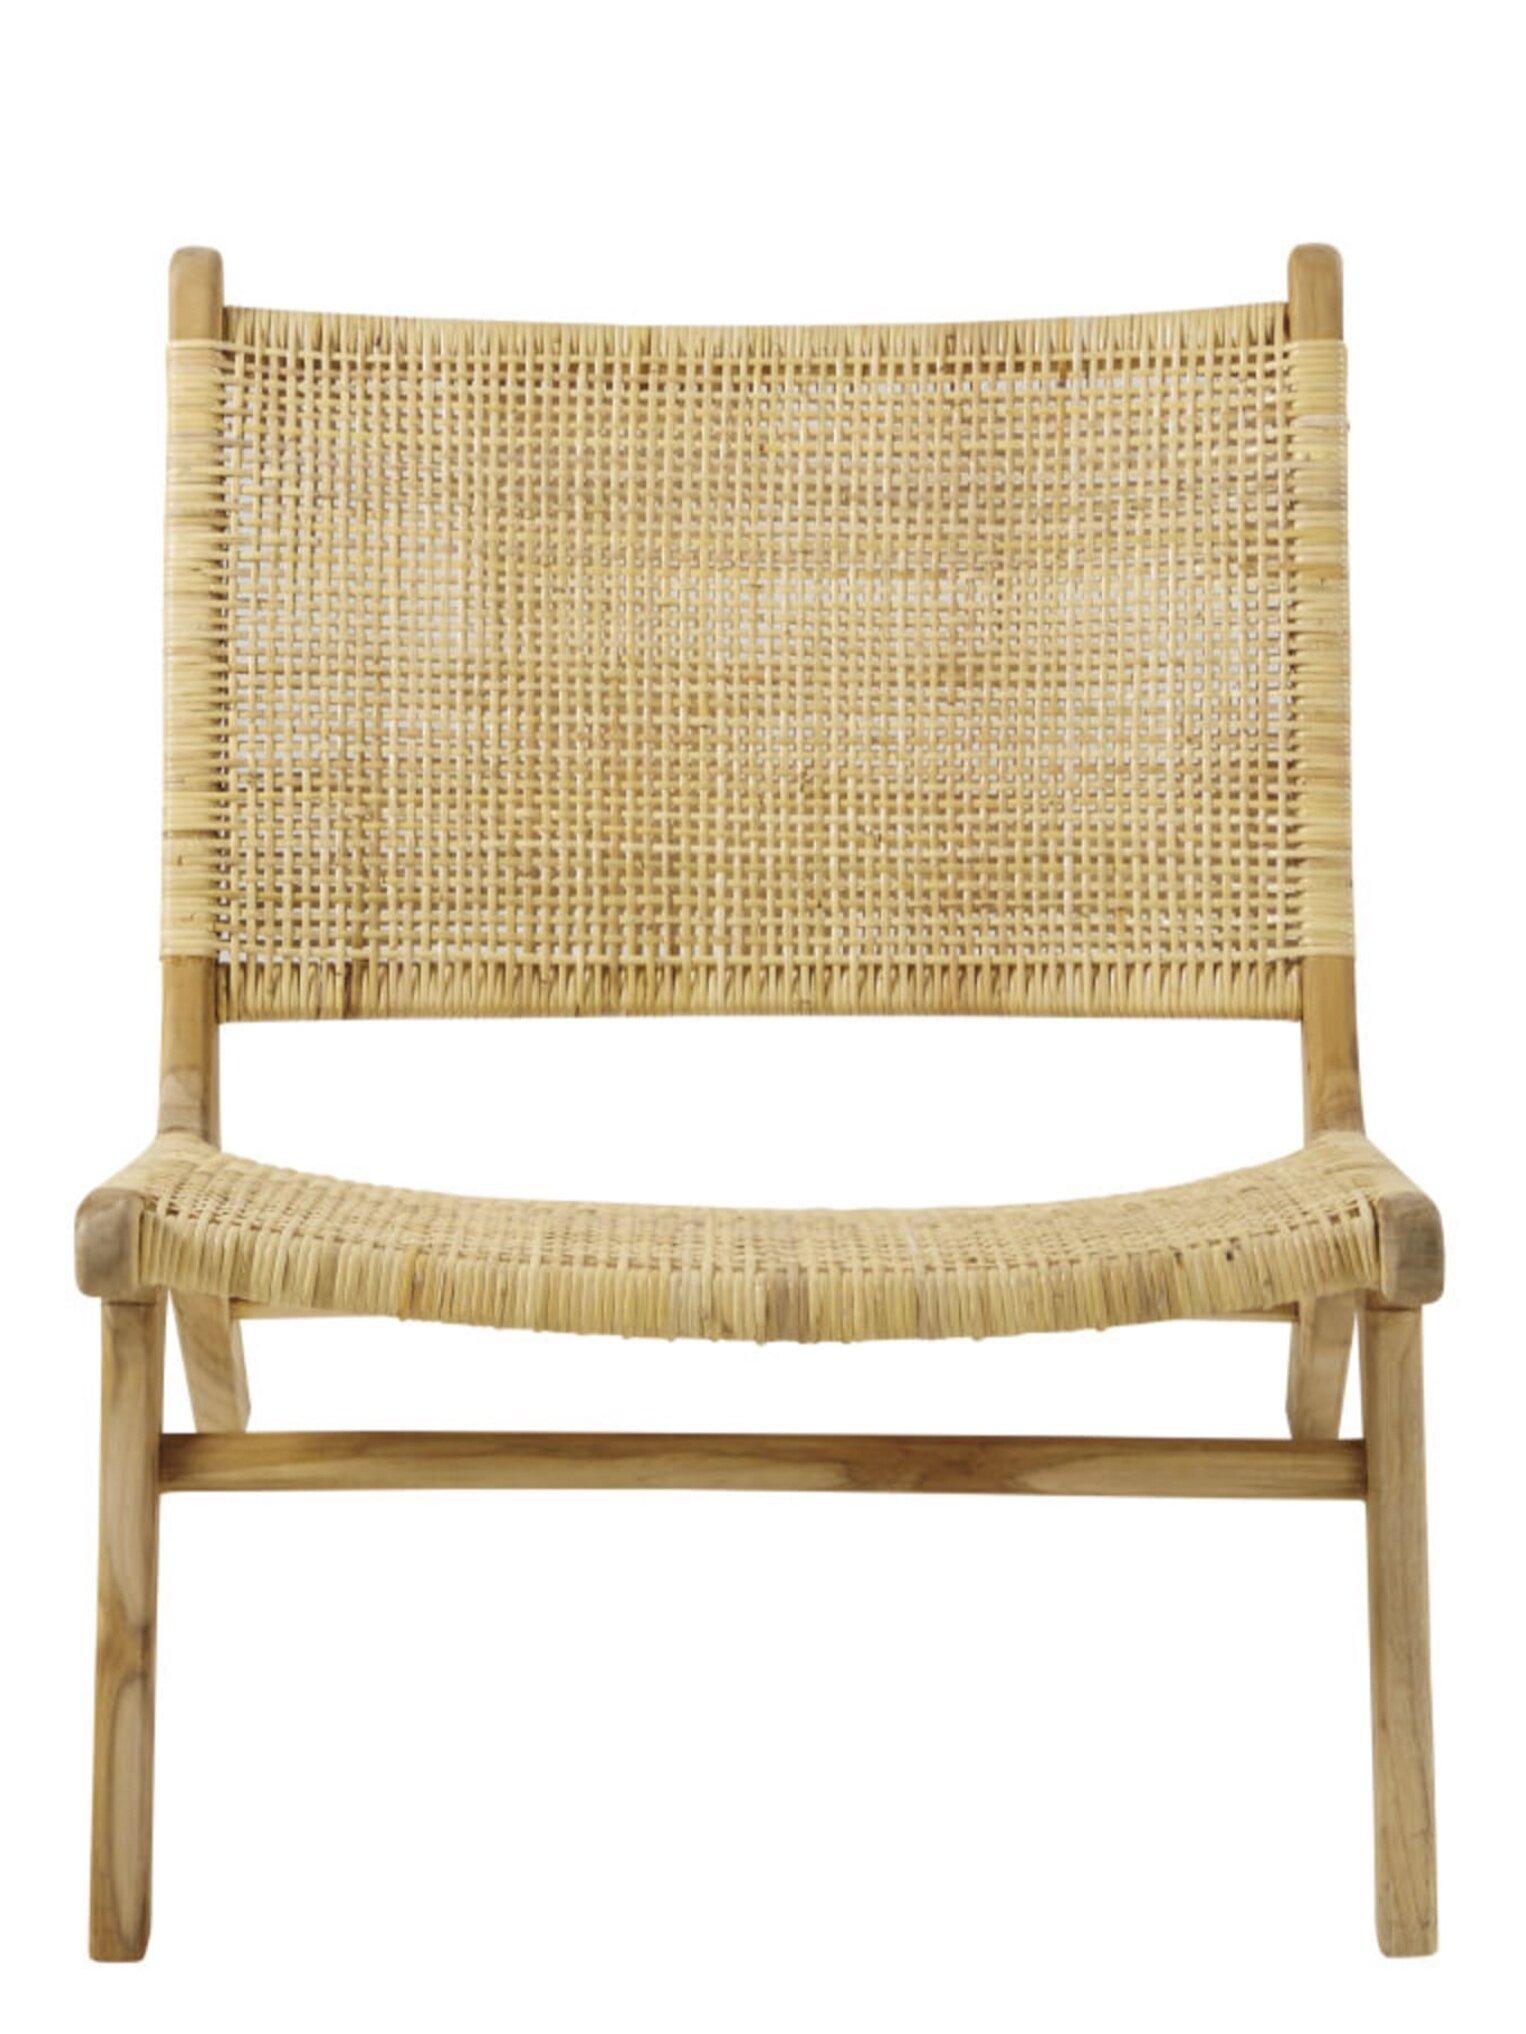 TICAO Rattan Armchair, Maisons Du Monde £314